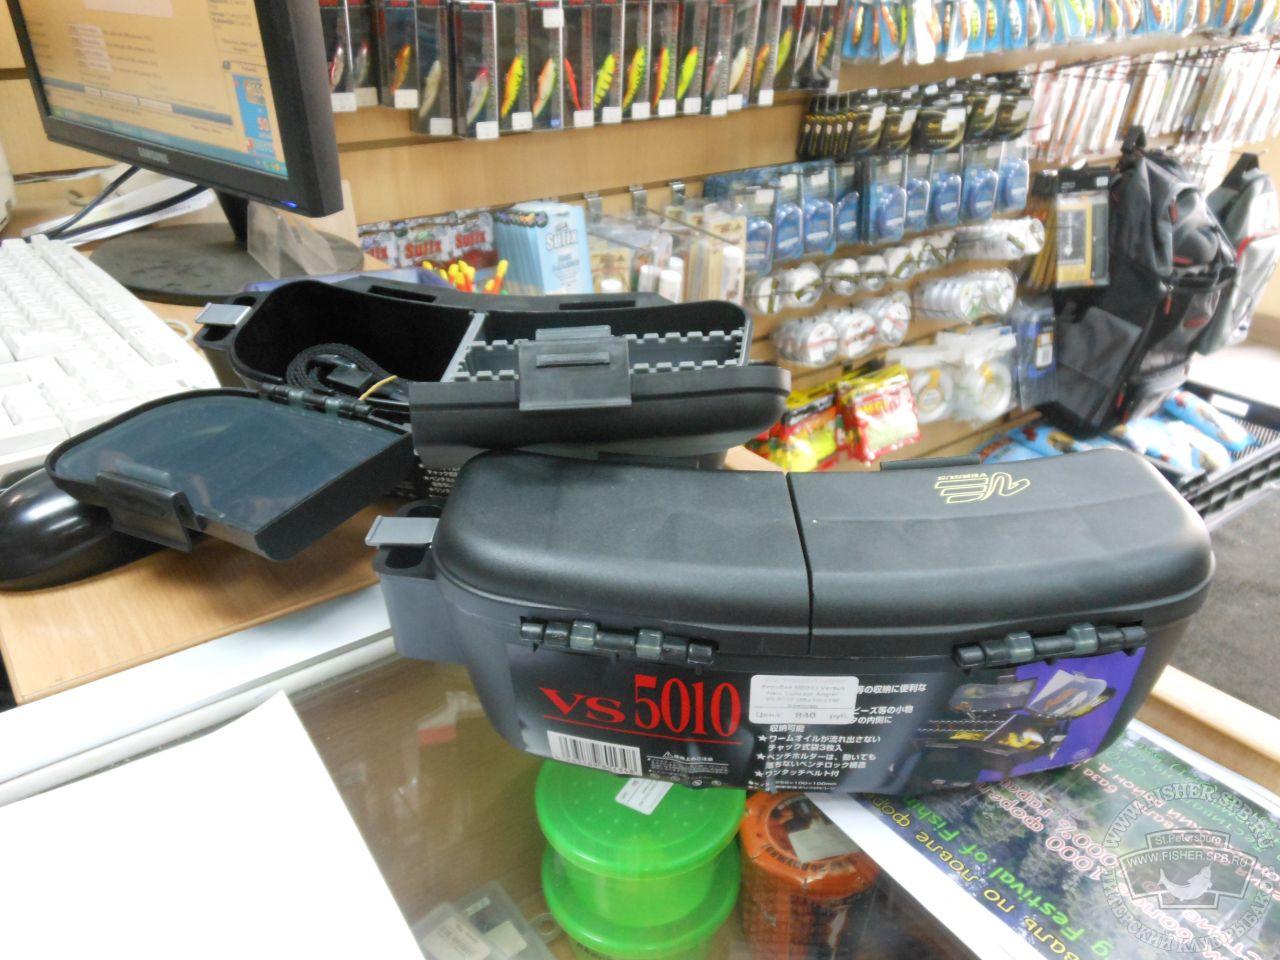 поясная коробка pontoon 21 waist hunter hp 21